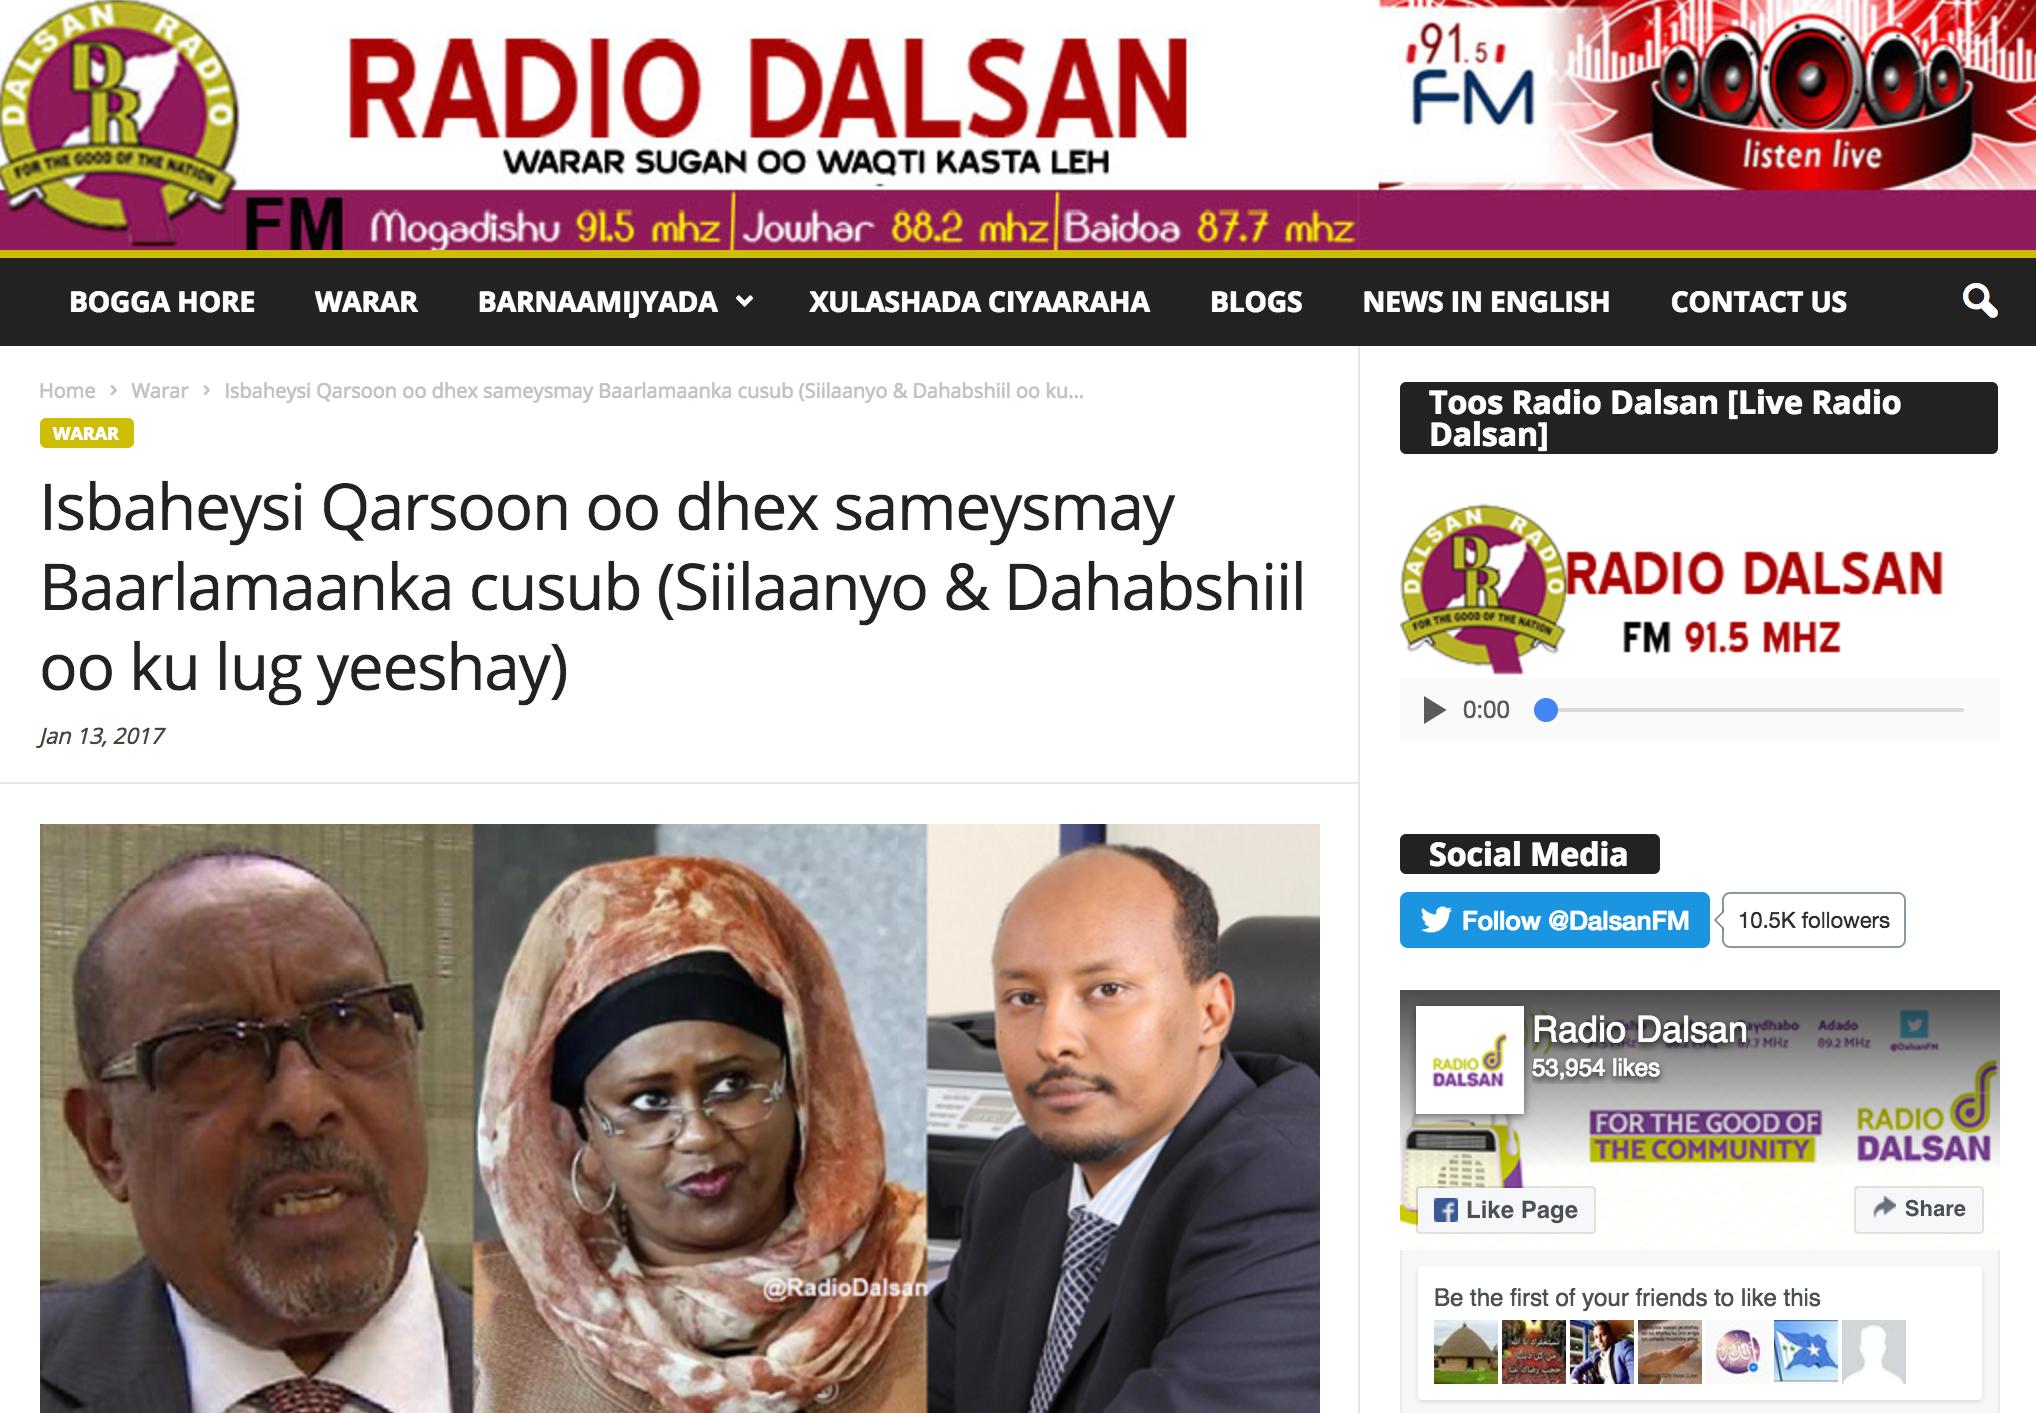 [Akhri Sir culus] Radio Dalsan oo kashifay Isbaheysiga Siilaanyo iyo Dahabshiil ka sameeyeen baarlamaanka Somalia iyo halista ku xeeran laakiin warkaan hubaashii waa laga saari doonaa Website-kooda